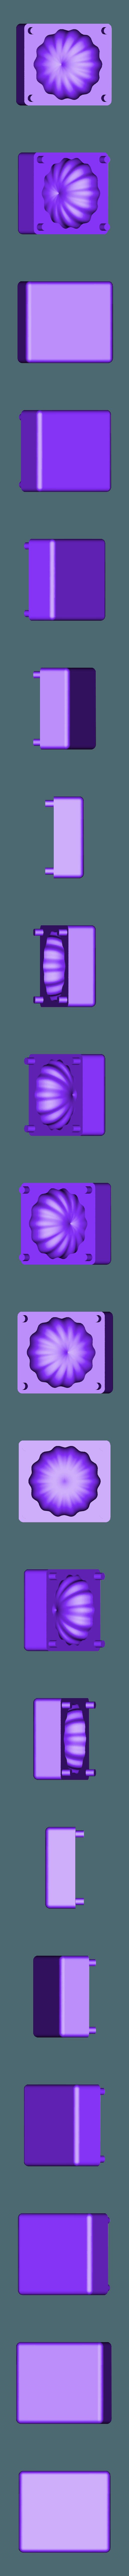 MOLDE ABAJO.stl Télécharger fichier STL MOULE À BOUGIE OU À SAVON EN FORME DE CITROUILLE • Objet à imprimer en 3D, Geralp